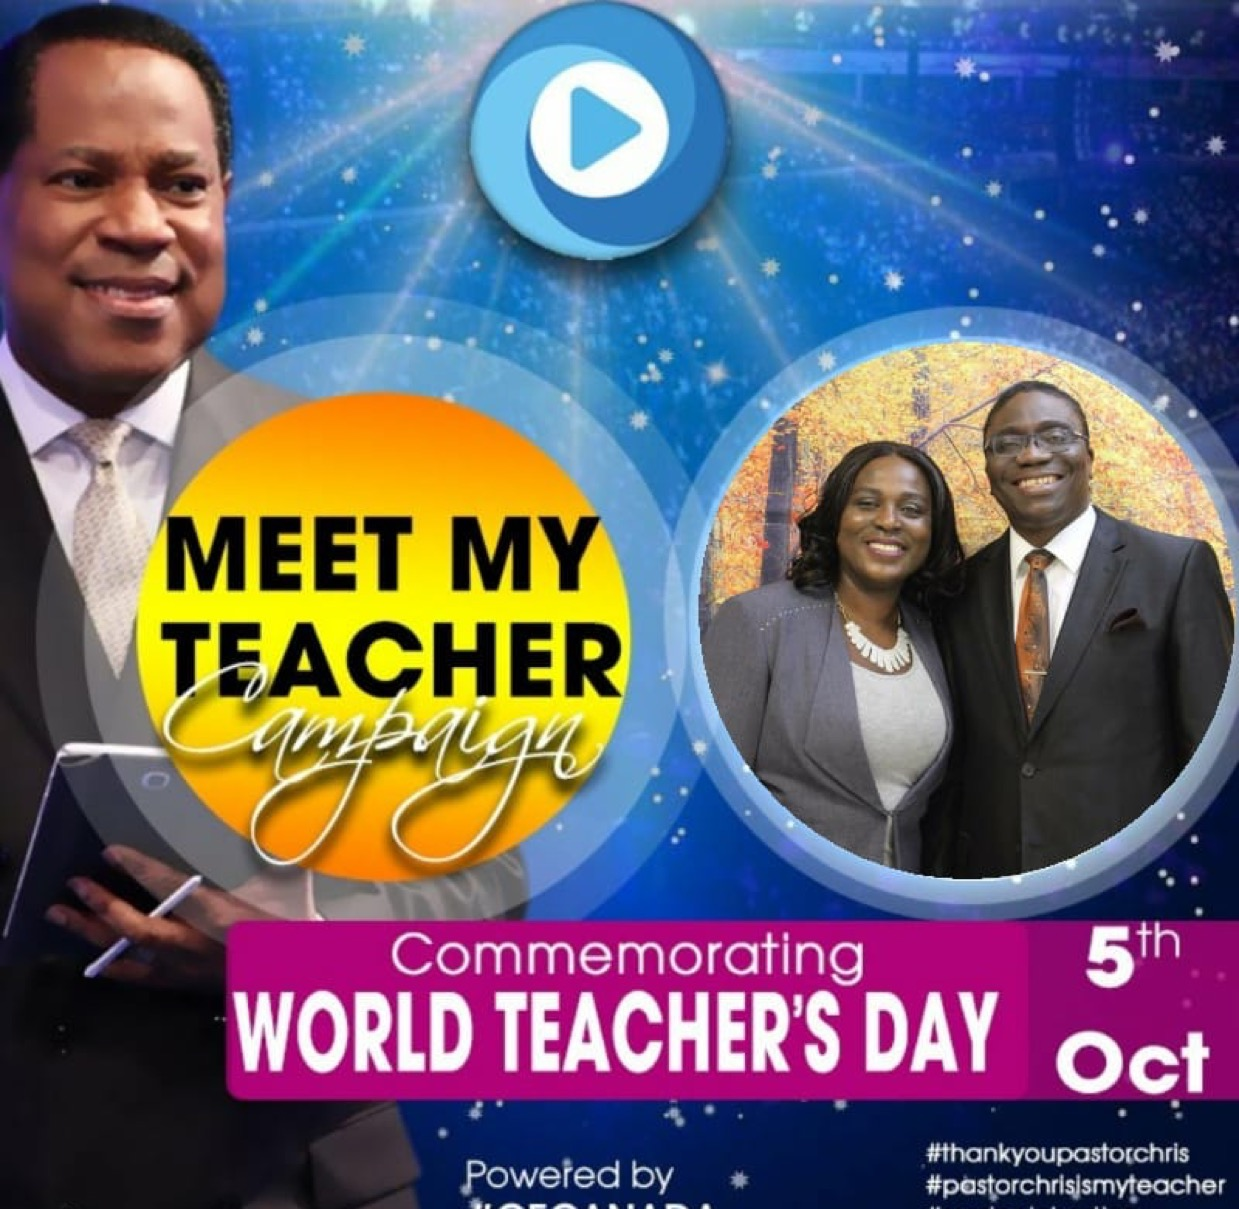 MEET MY TEACHER He has